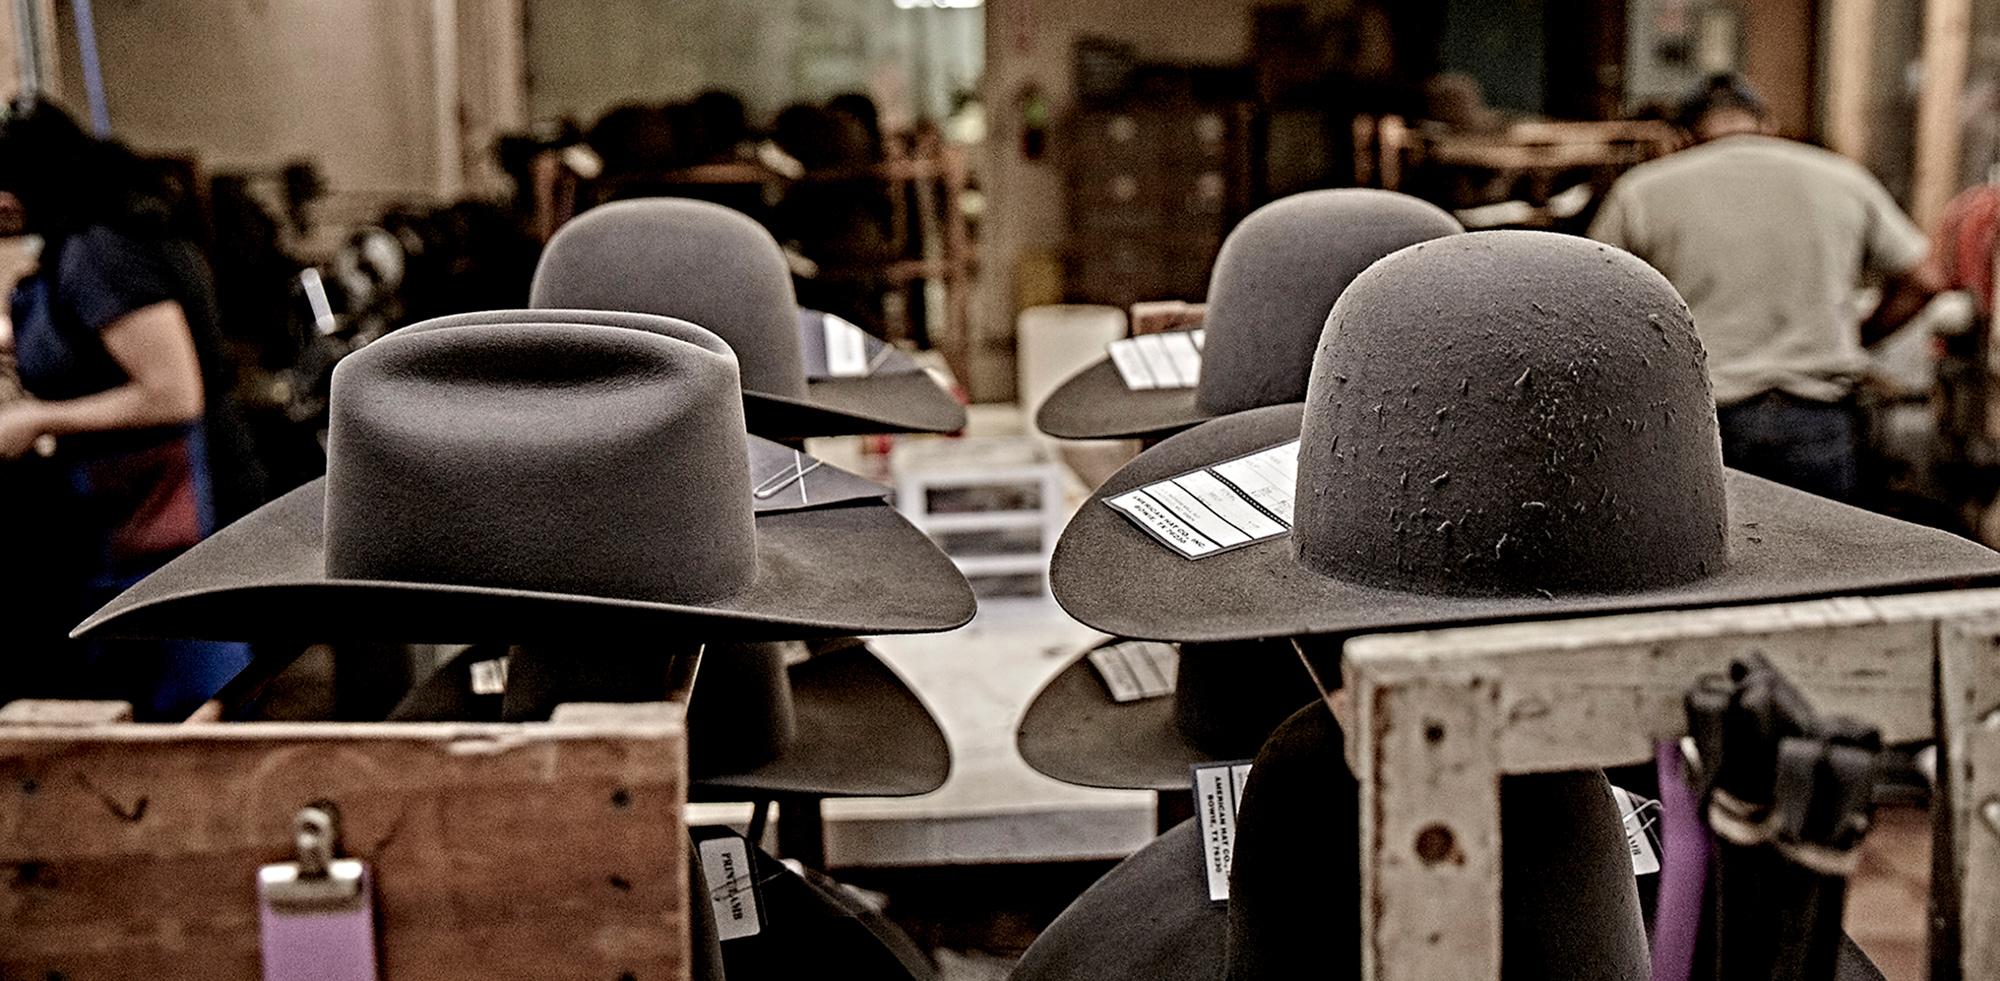 american hat company american hat co felt felts felt hat felt hats cowboy cowboys cowboy hat cowboy hats